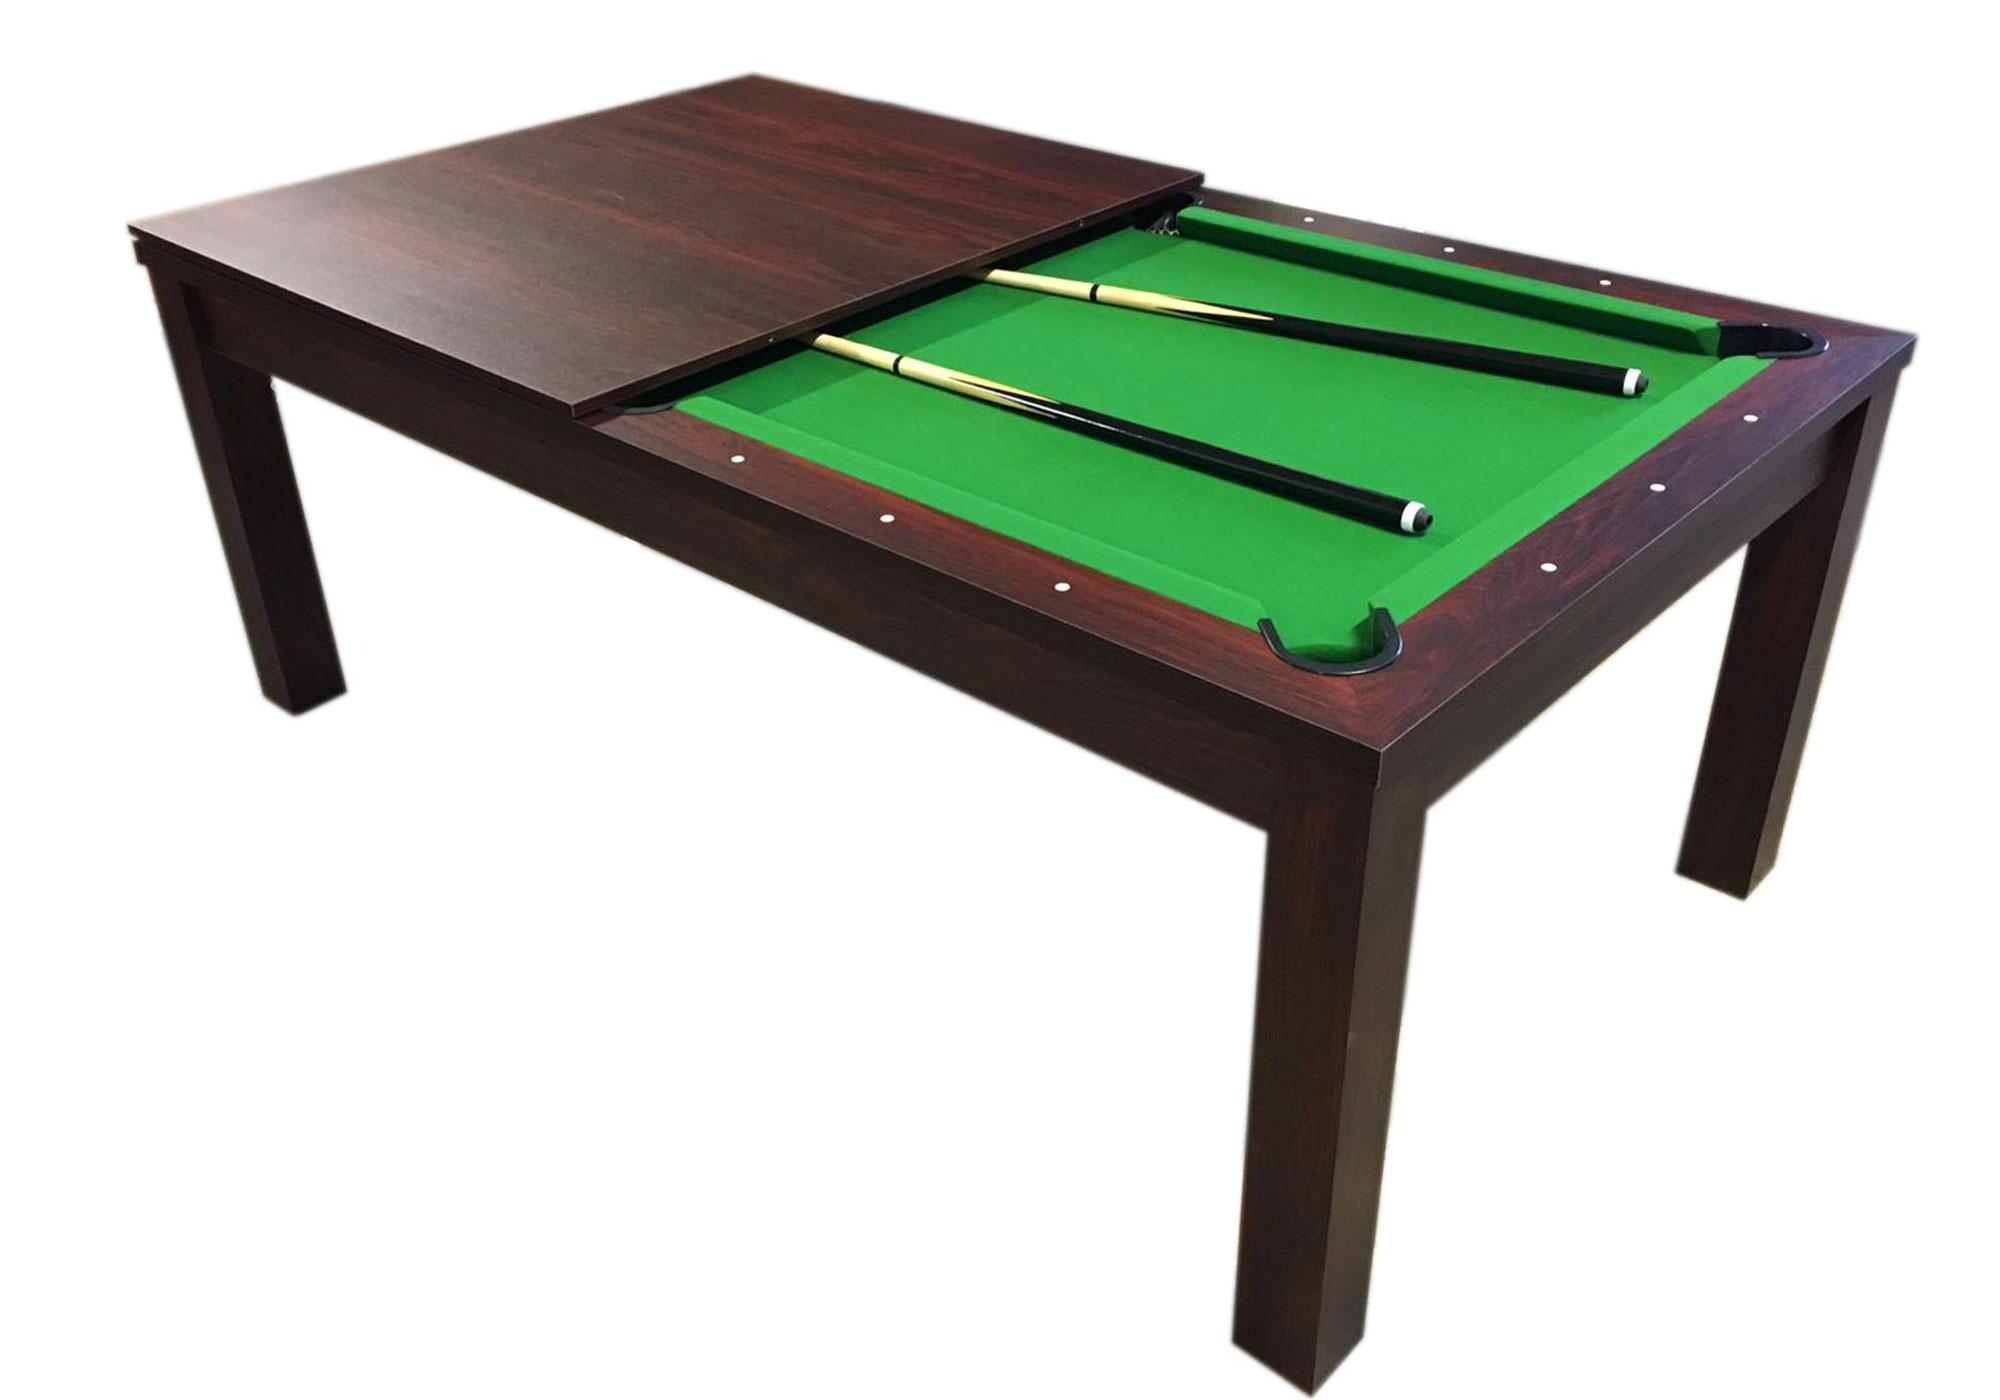 Tavolo da biliardo carambola diventa tavolo 7 piedi green - Biliardo tavolo da pranzo ...